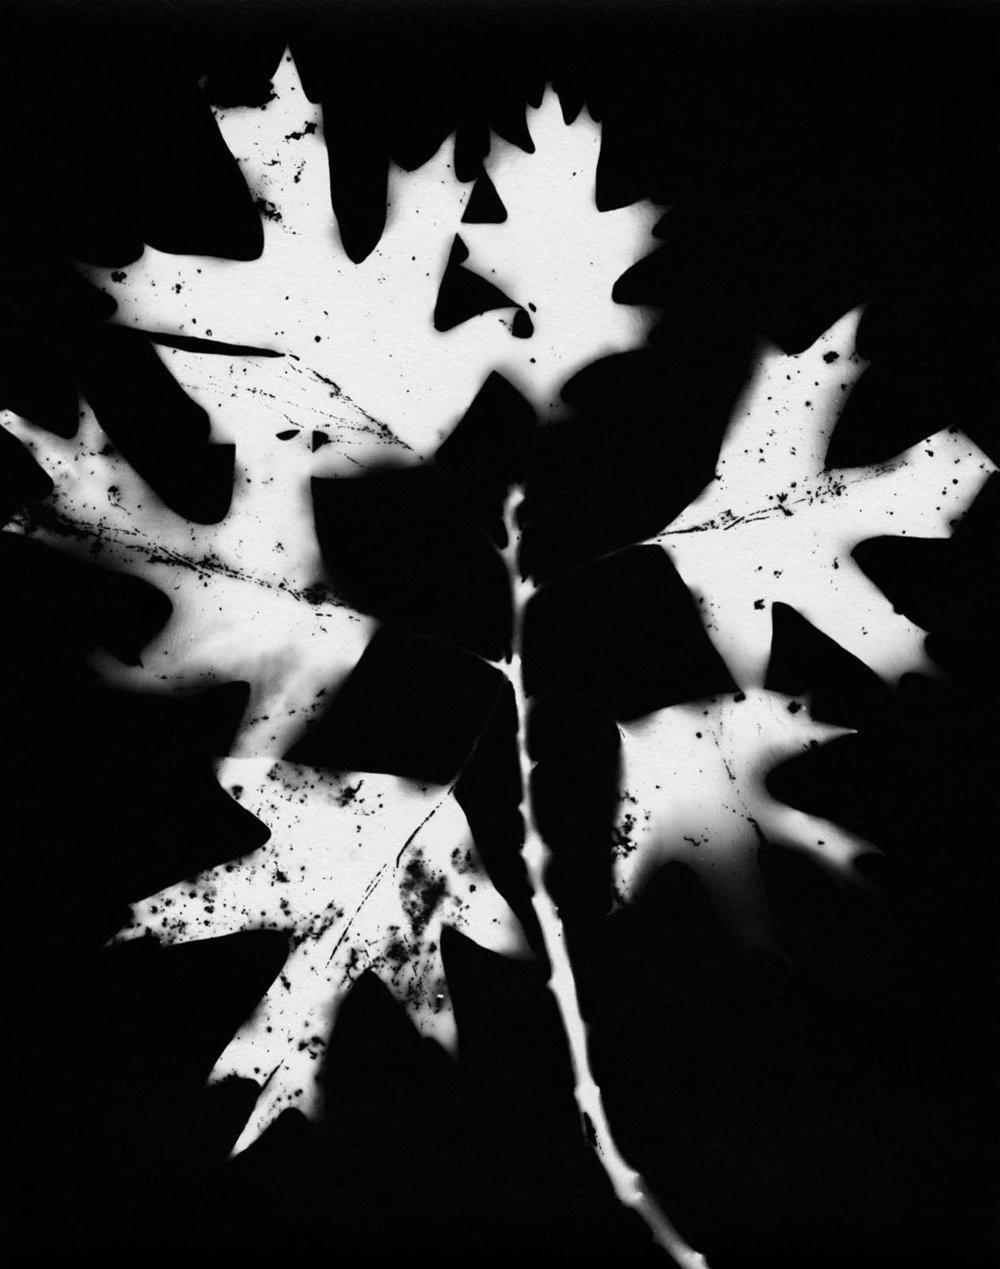 Leaf #12